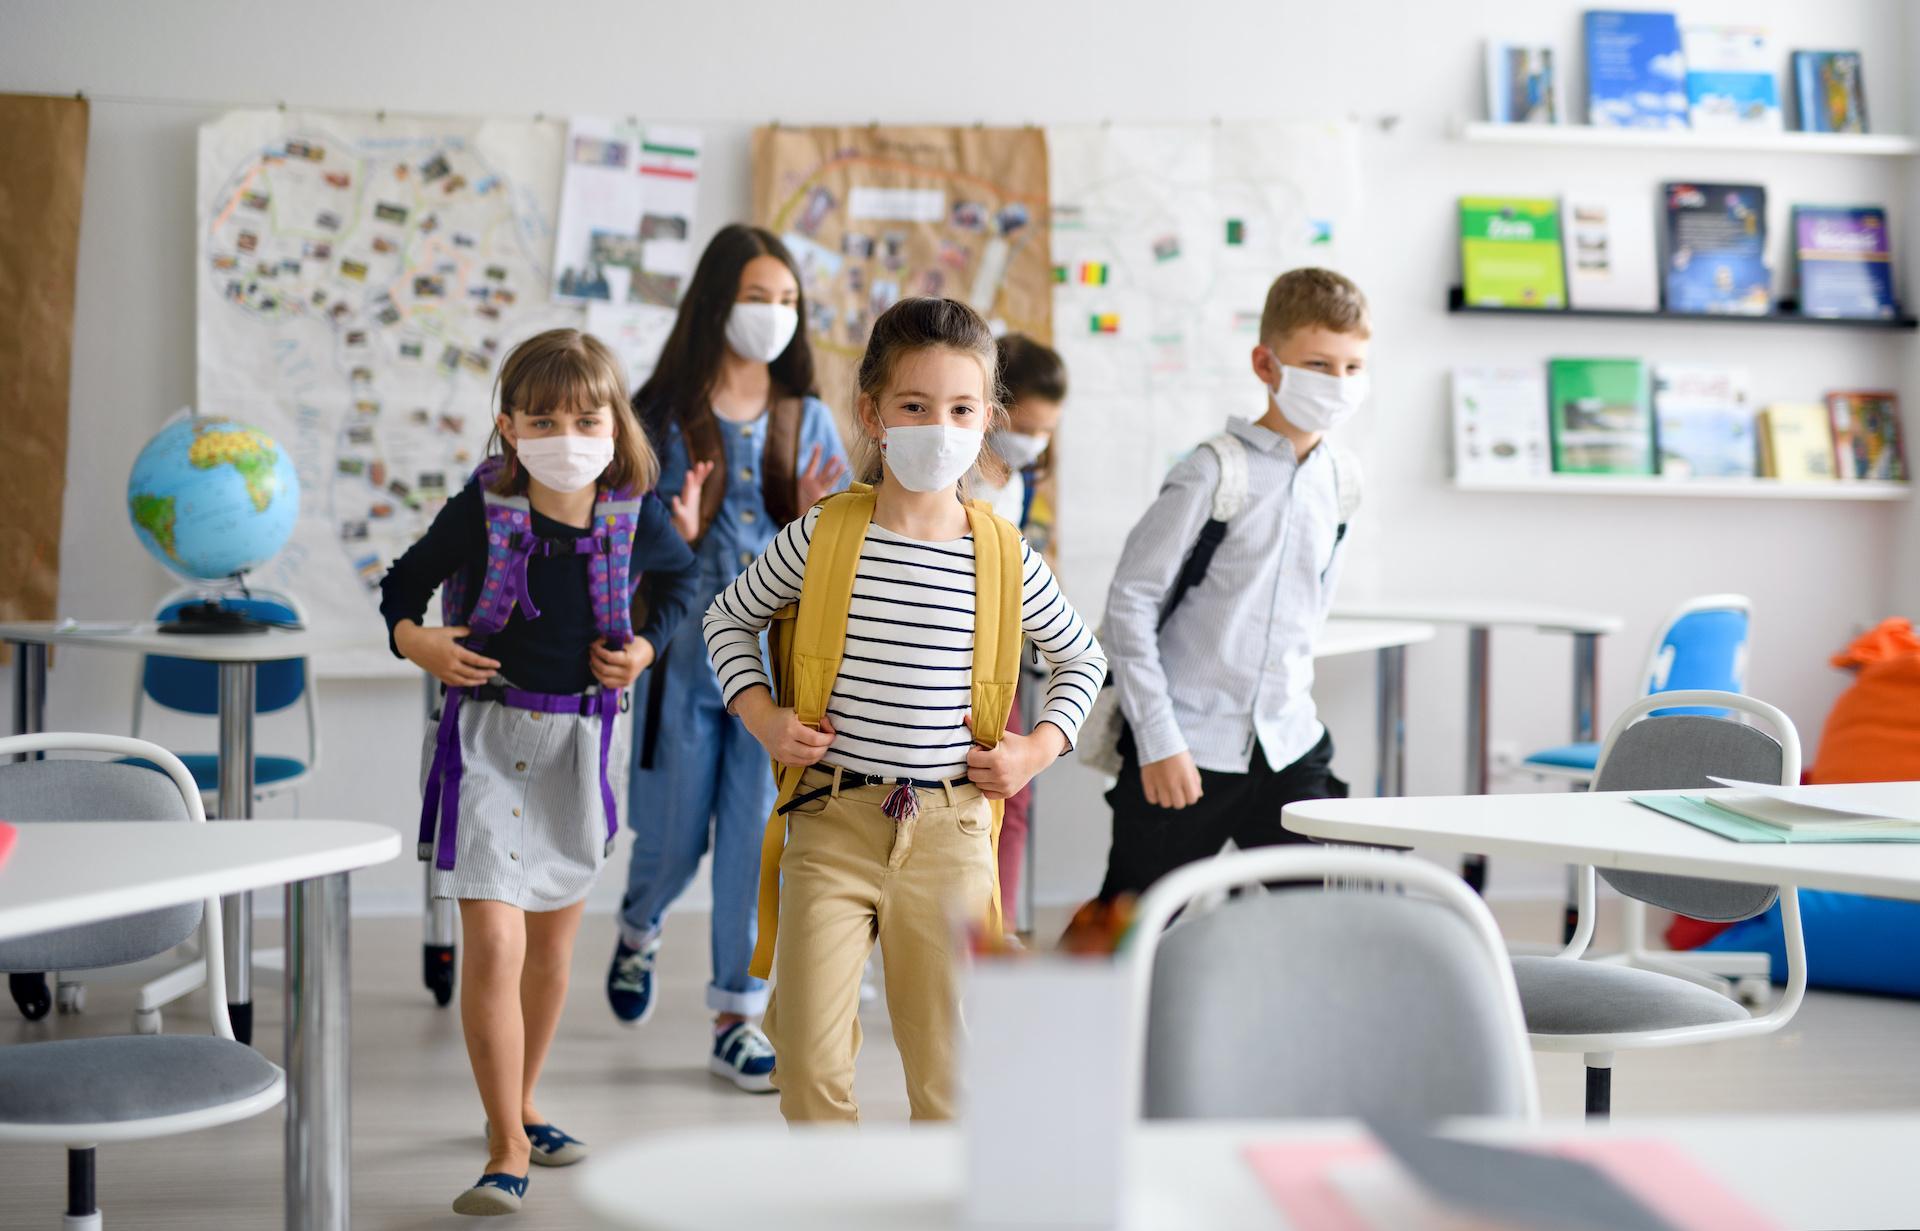 Σχολεία : Πως θα λειτουργούν σε κάθε περιοχή